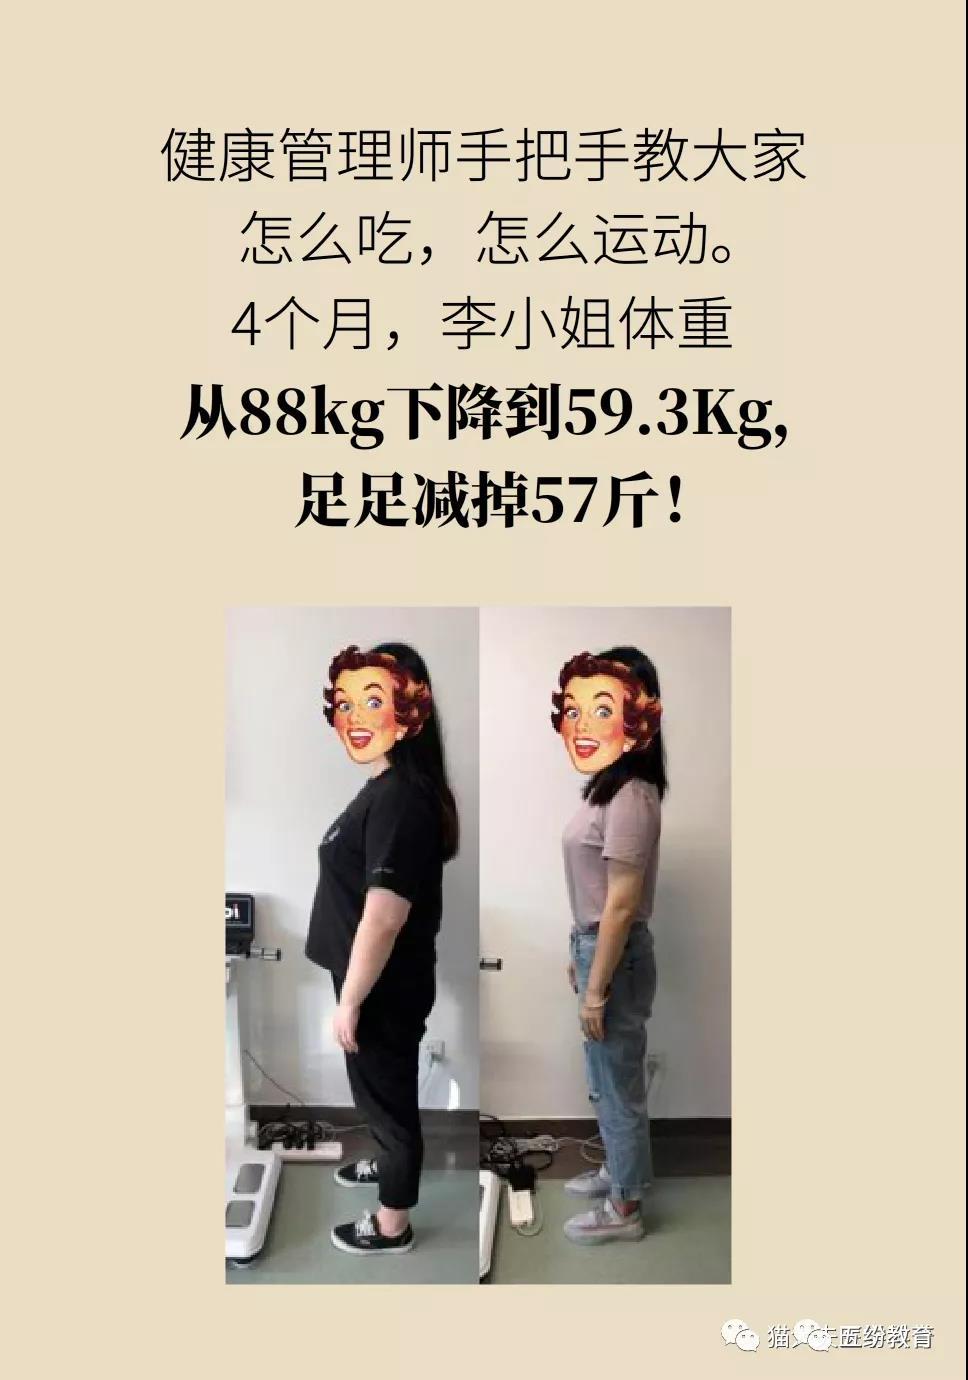 微信图片_20210413152222.jpg